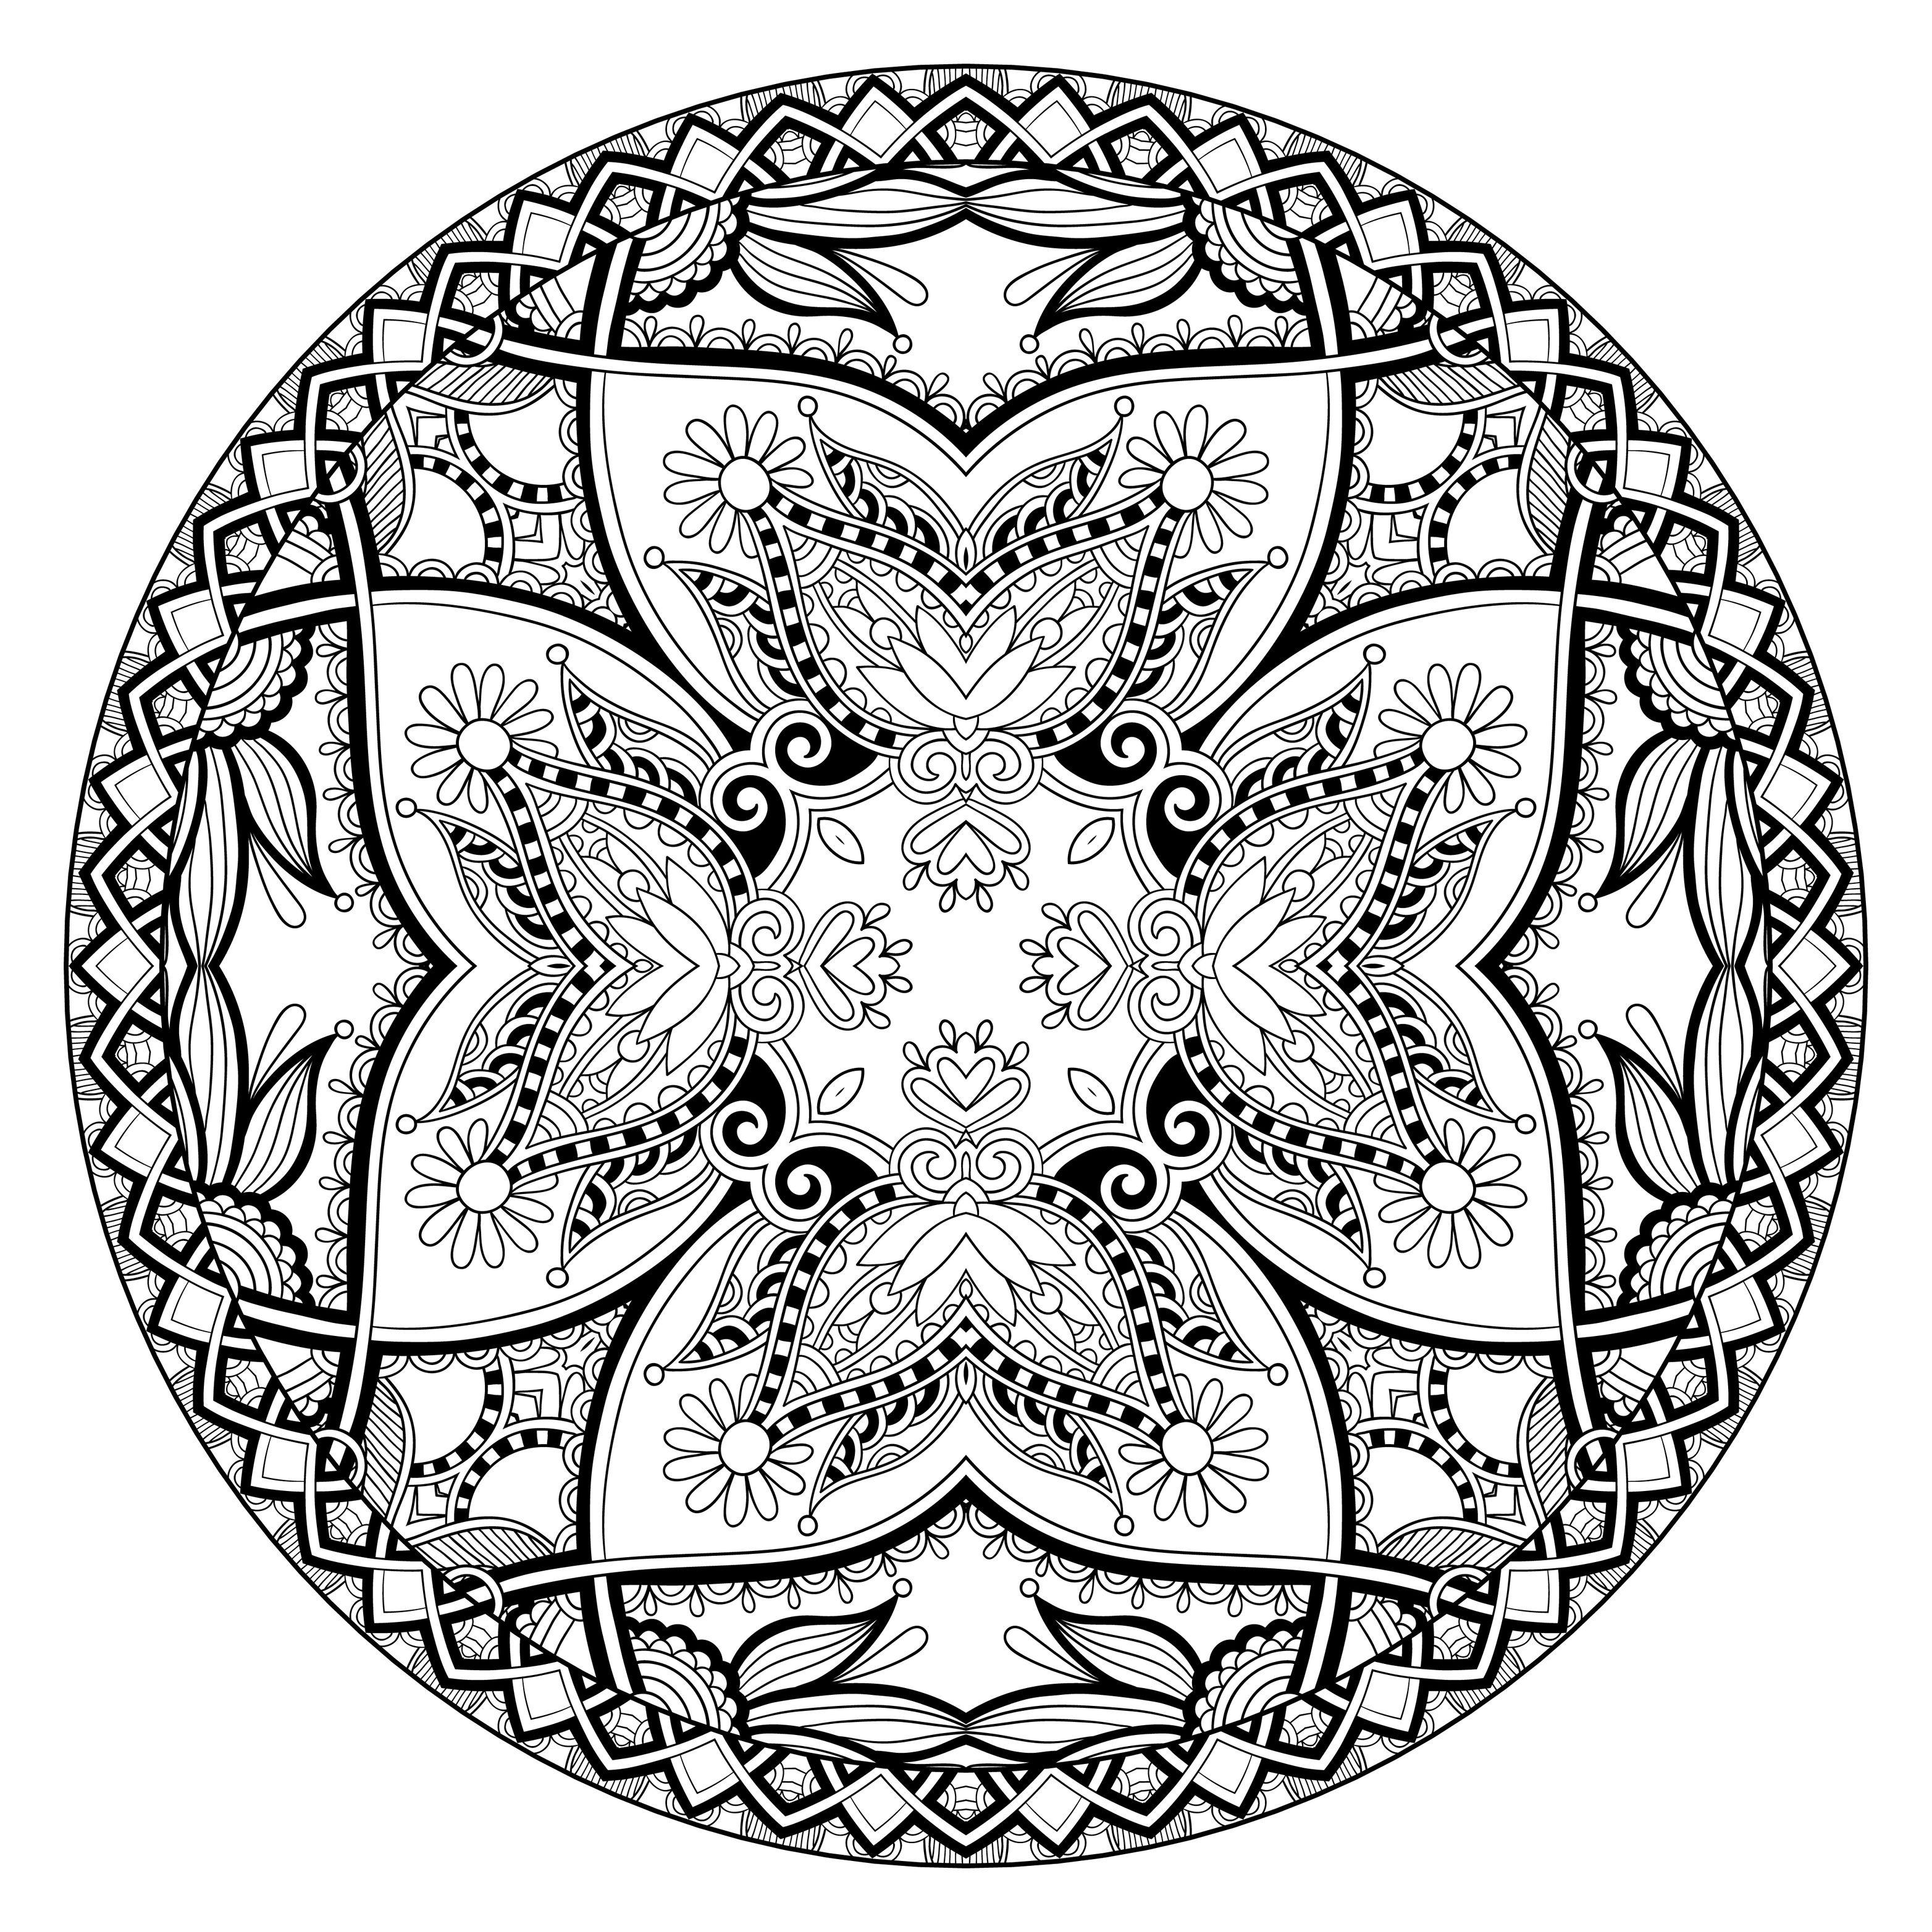 Coloring pages for adults mandalas - Mandalas To Download For Free By Lesya Kara Kotsya From The Gallery Mandalas